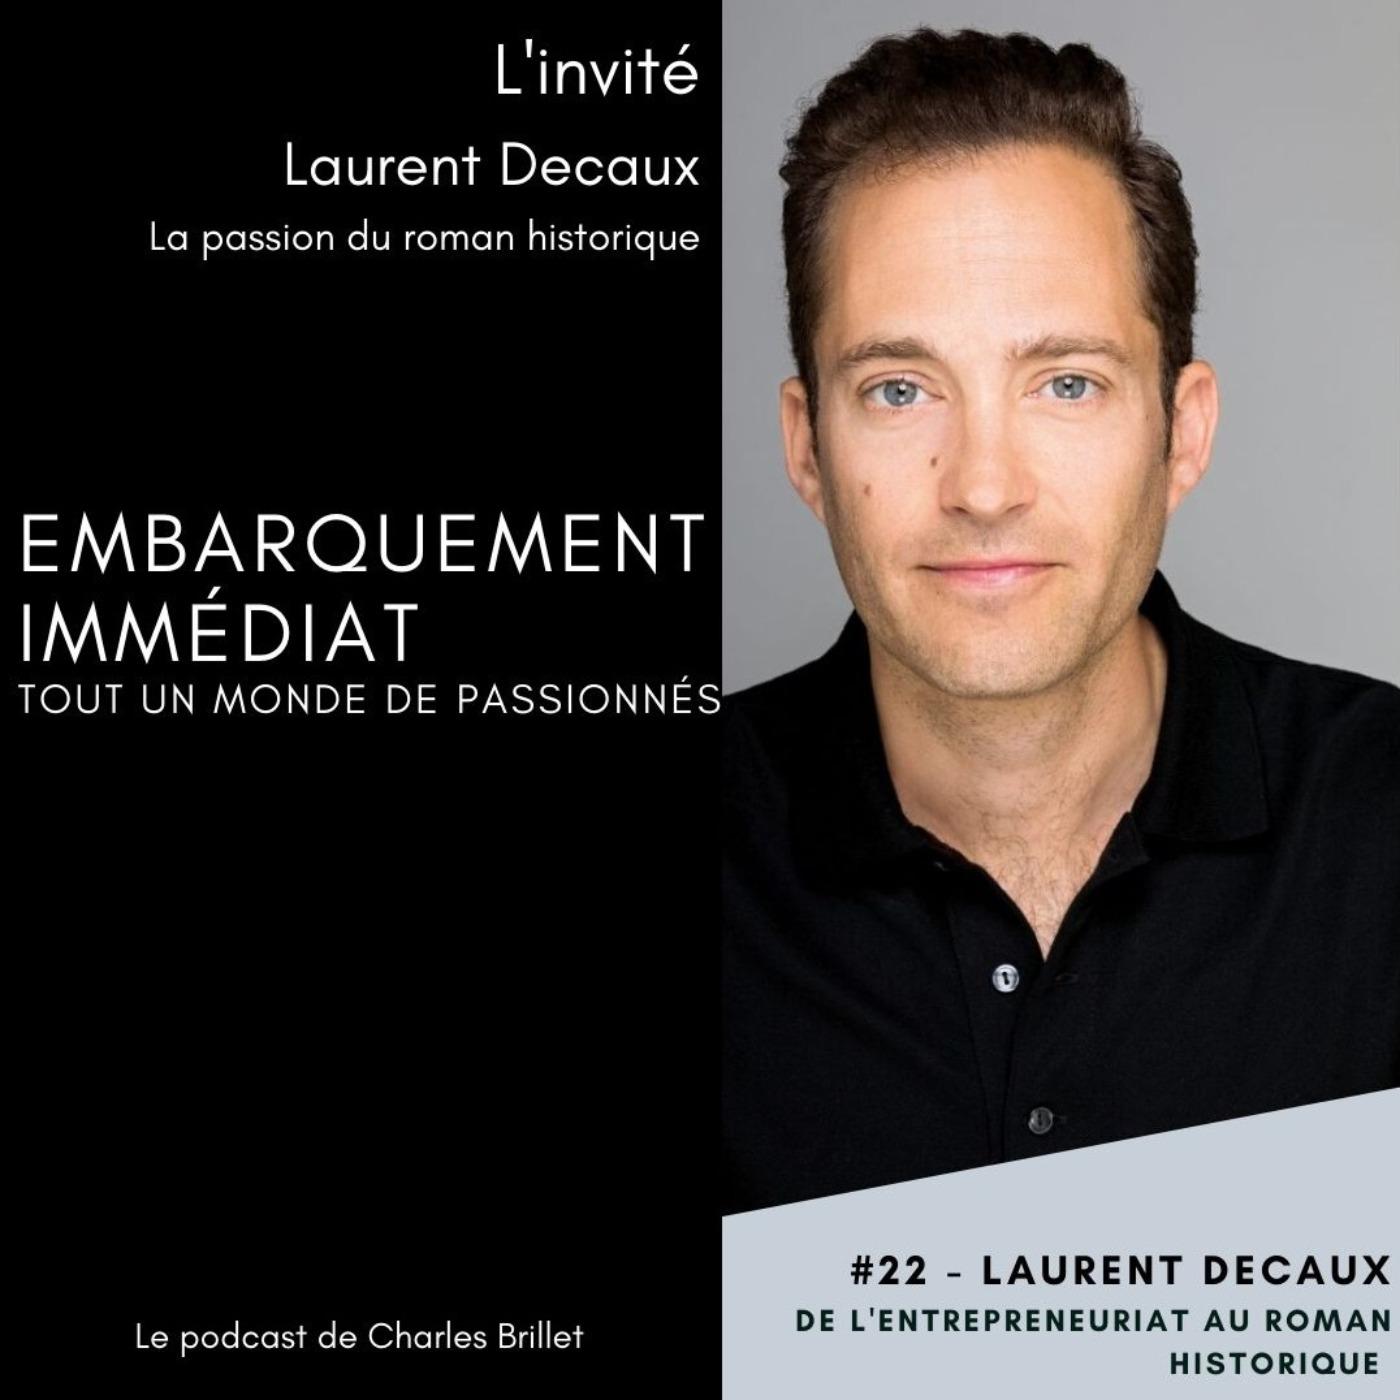 #22 - Laurent Decaux - La passion du roman historique